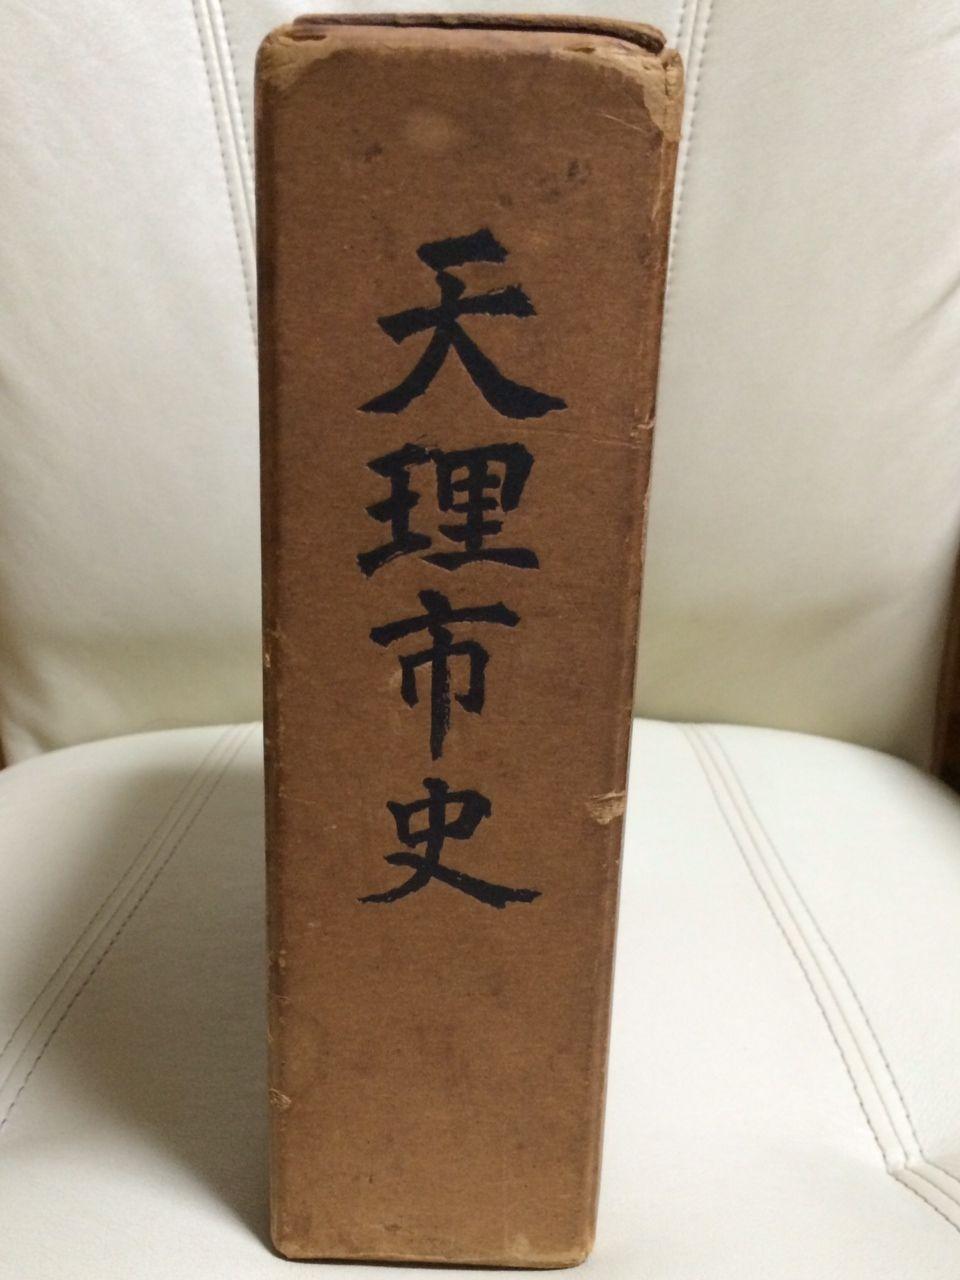 母親の「宝物」と「天理市史」:市本貴志 公式ブログ「日々感謝」